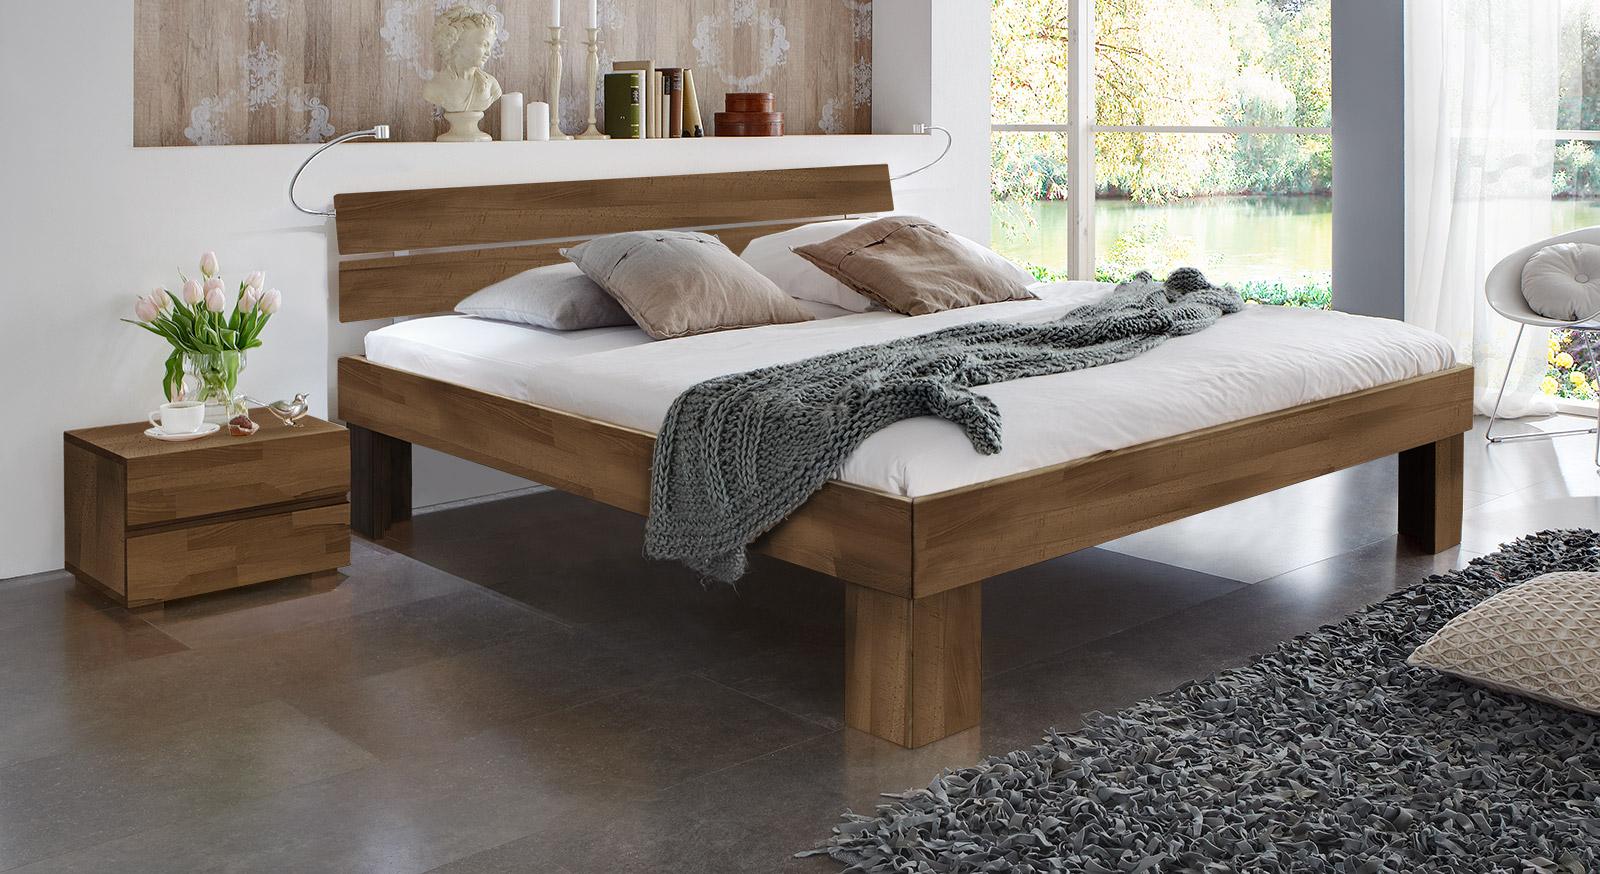 Bett Lucca Komfort in Buche nussbaum mit einer Fußhöhe von 30cm